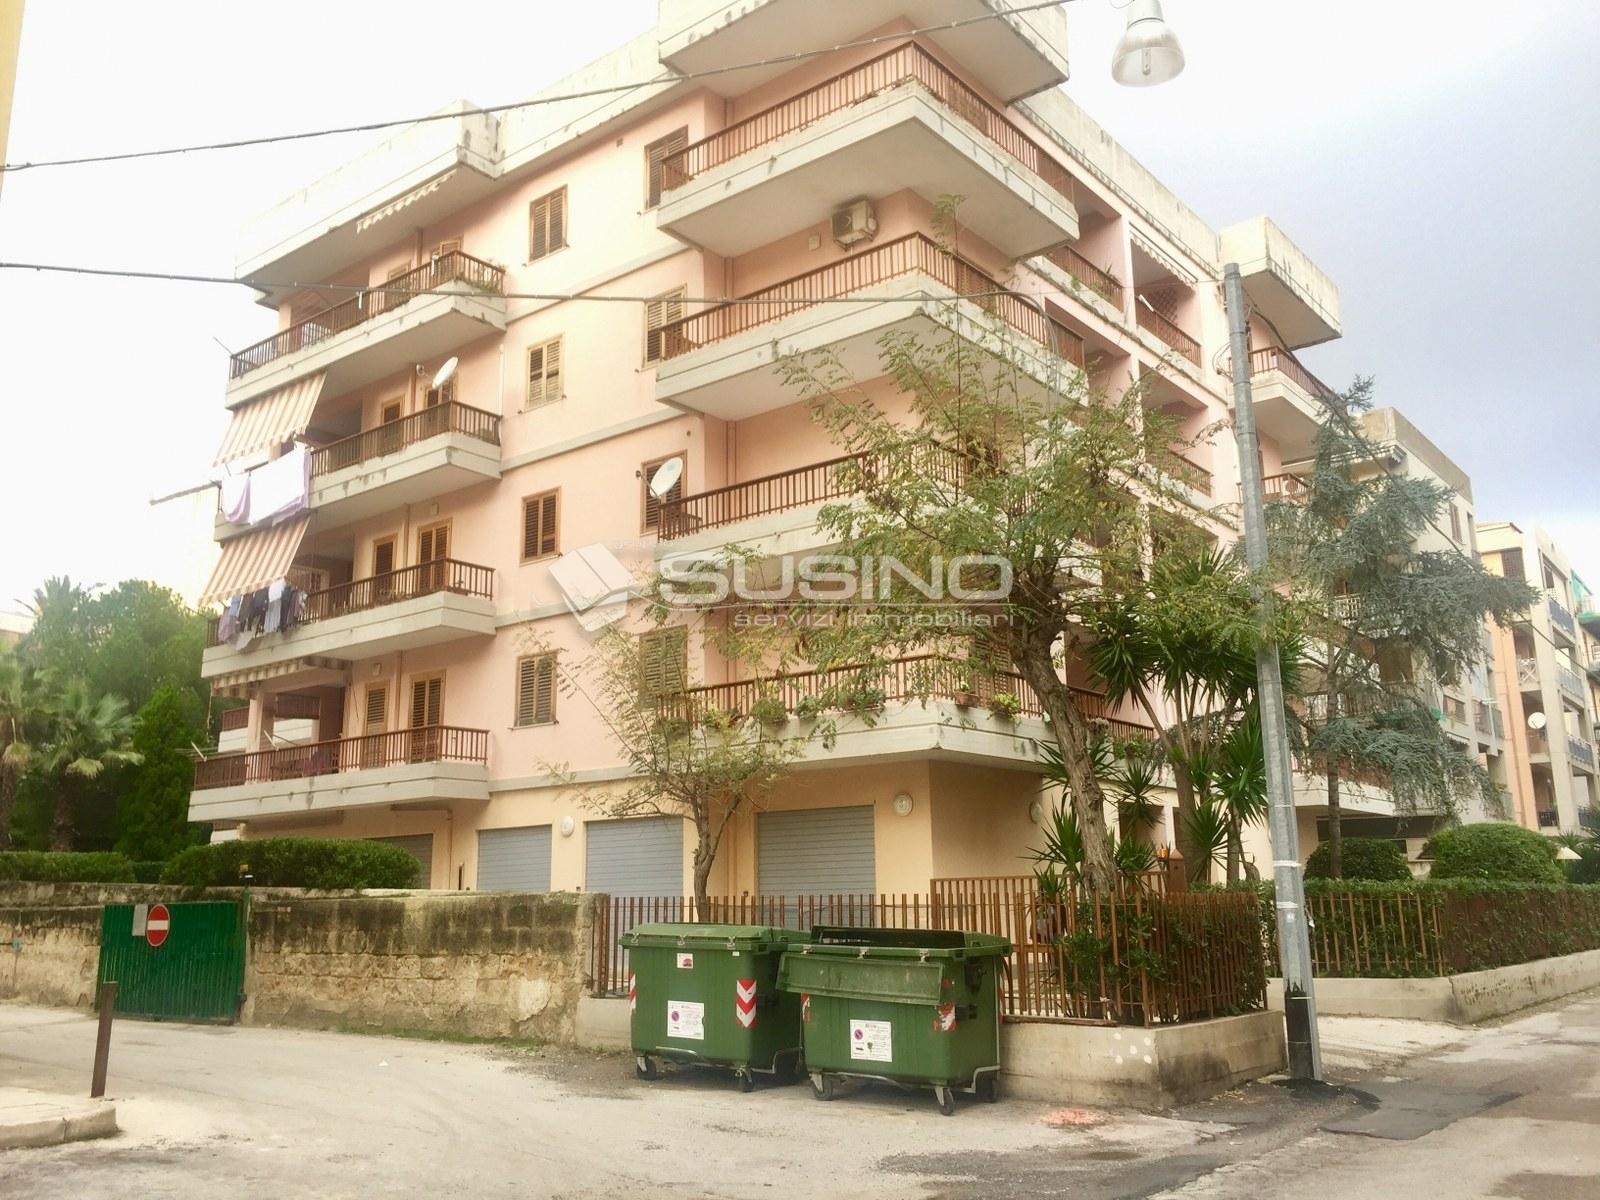 Box / Garage in vendita a Siracusa, 9999 locali, zona Zona: Grottasanta, prezzo € 21.000 | Cambio Casa.it